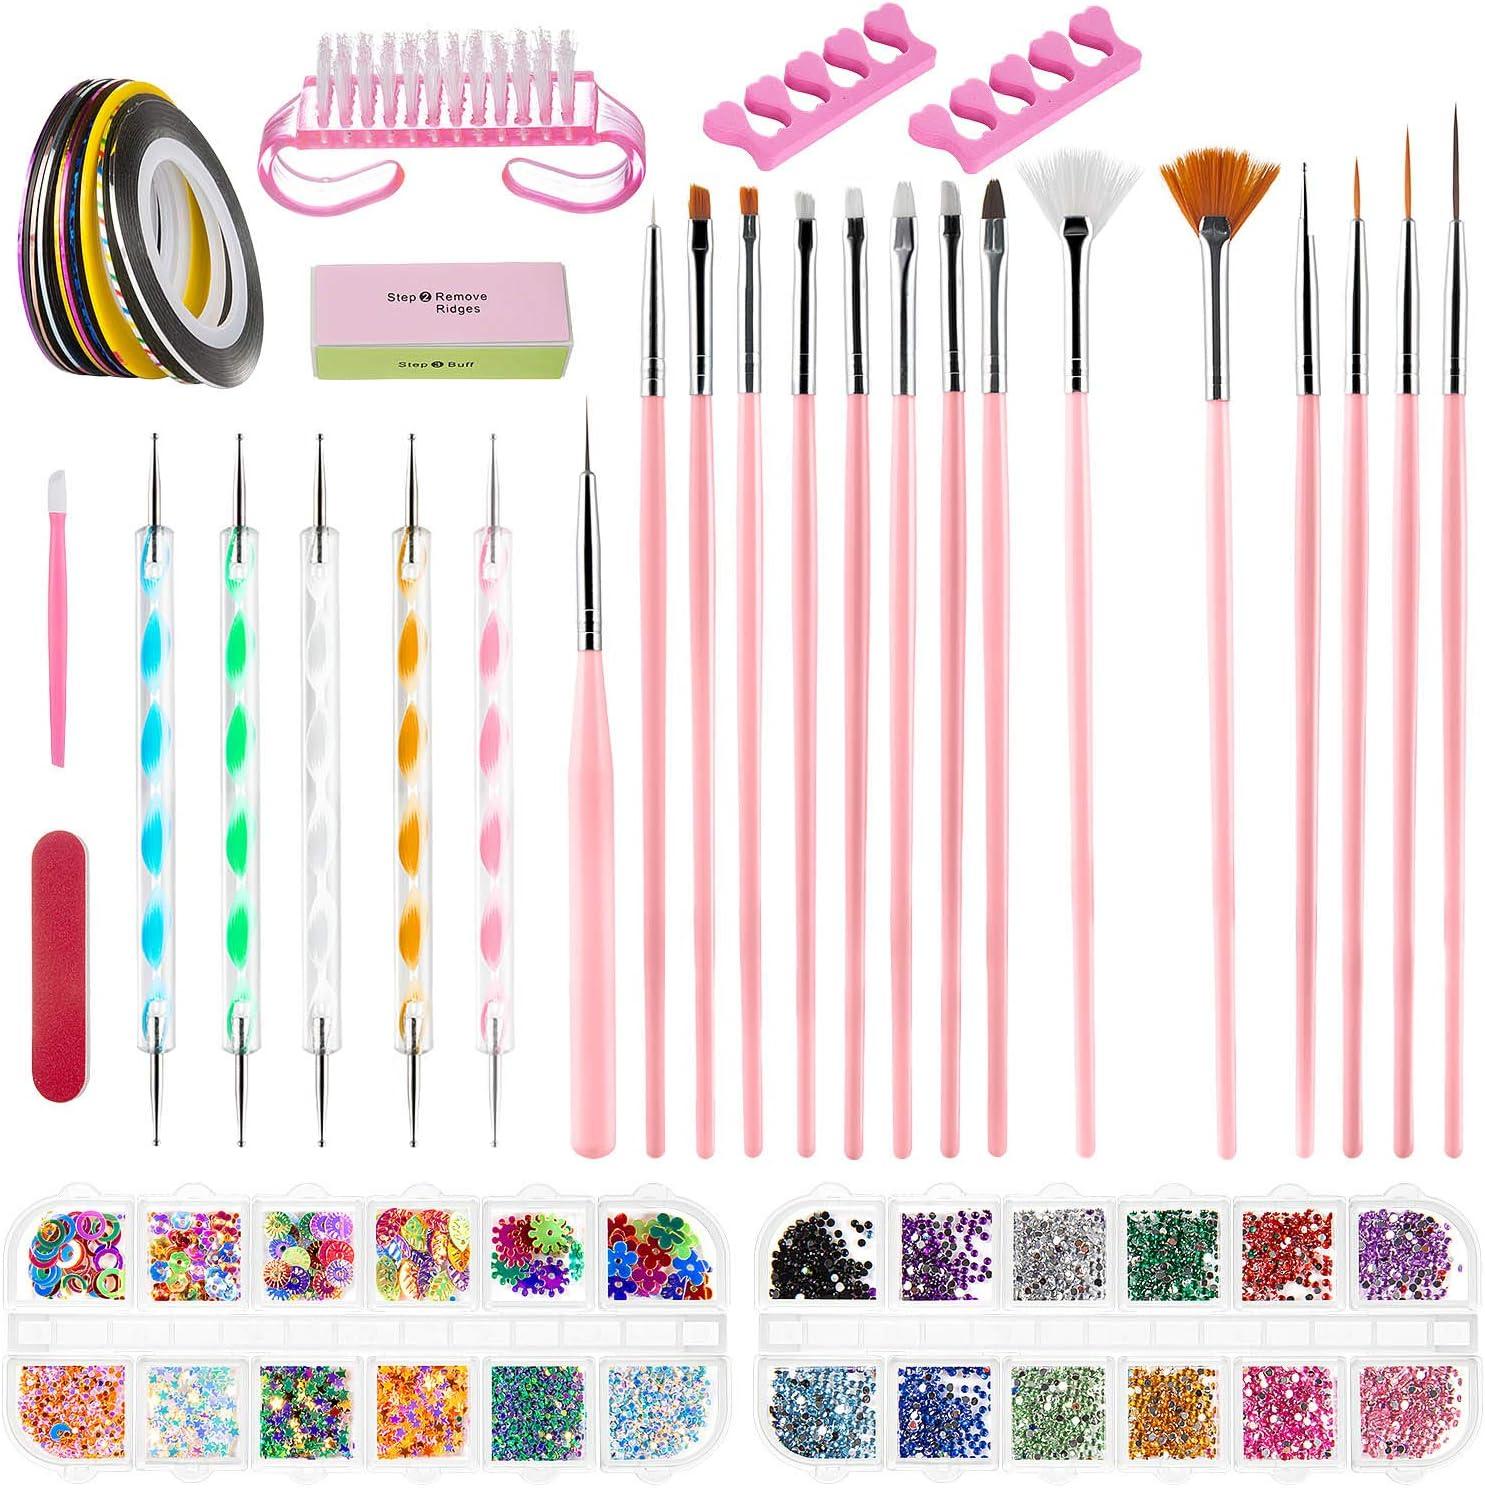 Kit de Decoración de Uñas, ZWOOS Kit de Diseño de Arte de Uña, Pincel Uñas Suministros de uñas, Accesorios para Uñas Decoración Uñas Kit Uñas Art, 38 unidades